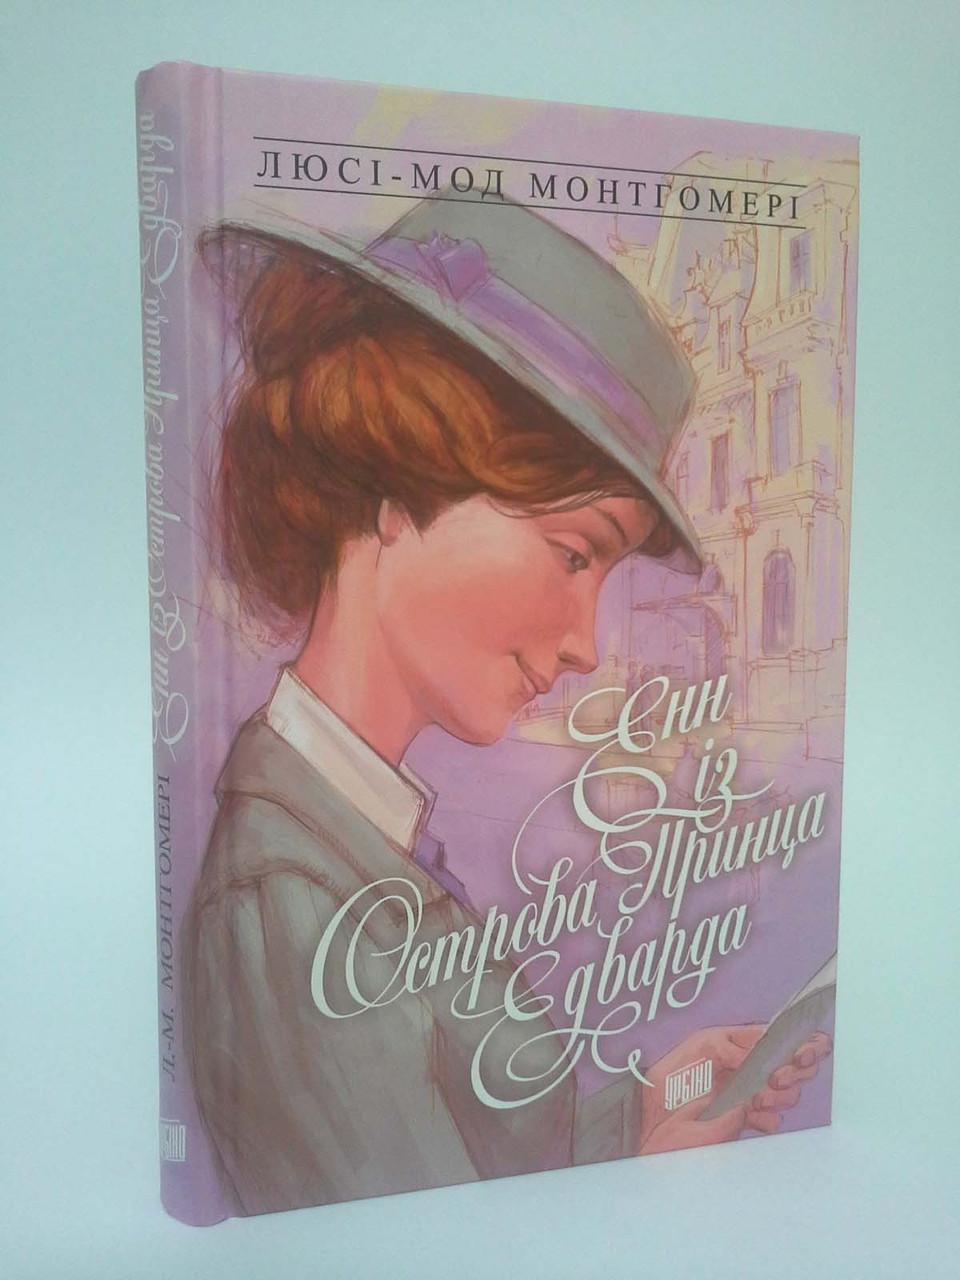 Енн із острова принца Едварда. Люсі-Мод Монтгомері. Книга 3. Урбіно